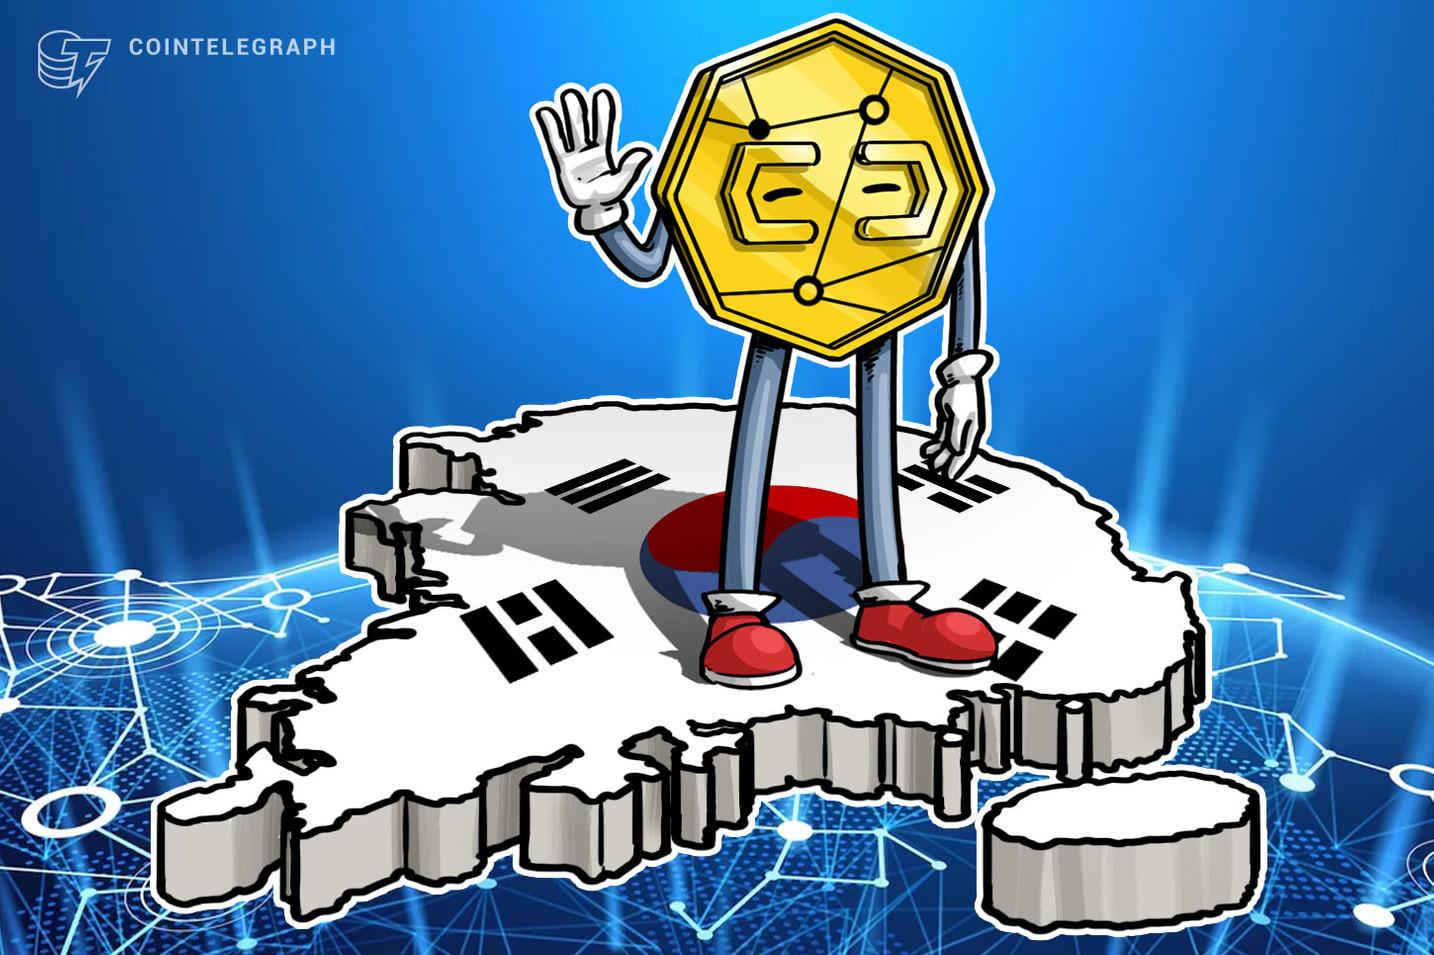 """Banco da Coreia diz que o investimento em criptos representa um risco """"insignificante"""" para o mercado financeiro local"""